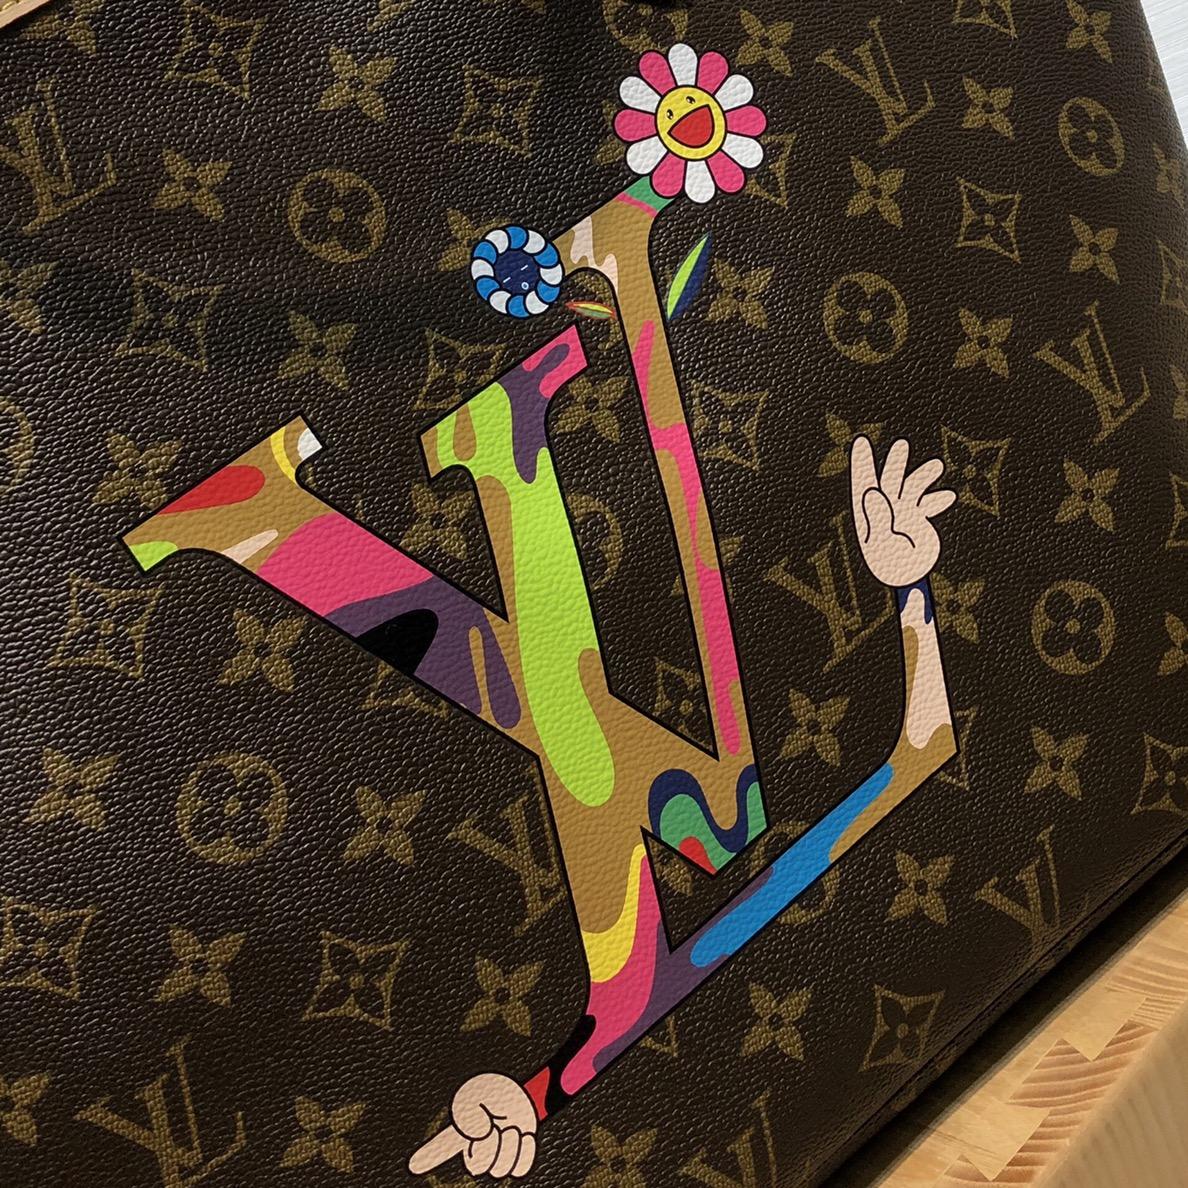 【¥1100】路易威登官网 LV村上隆合作限量款购物袋50710 调皮可爱且独特的风格设计